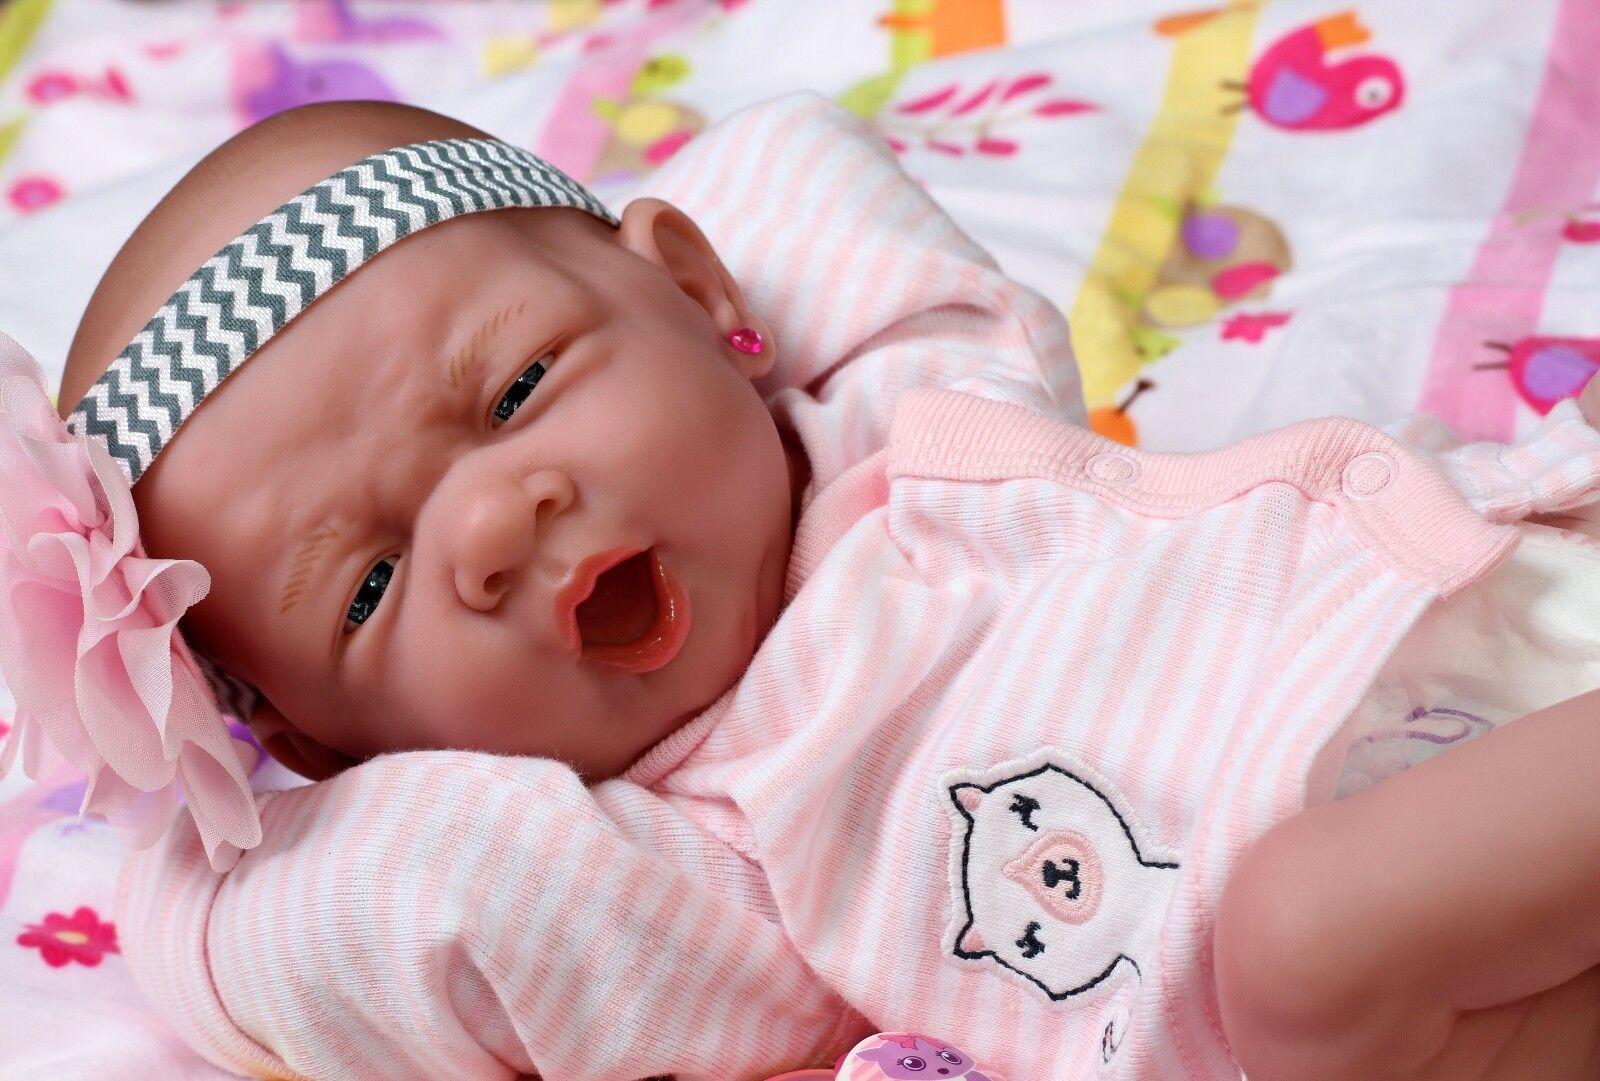 Nuevo Bebé Muñeca Real Reborn Berenguer 15  Pulgada Vinilo Realista Newborn